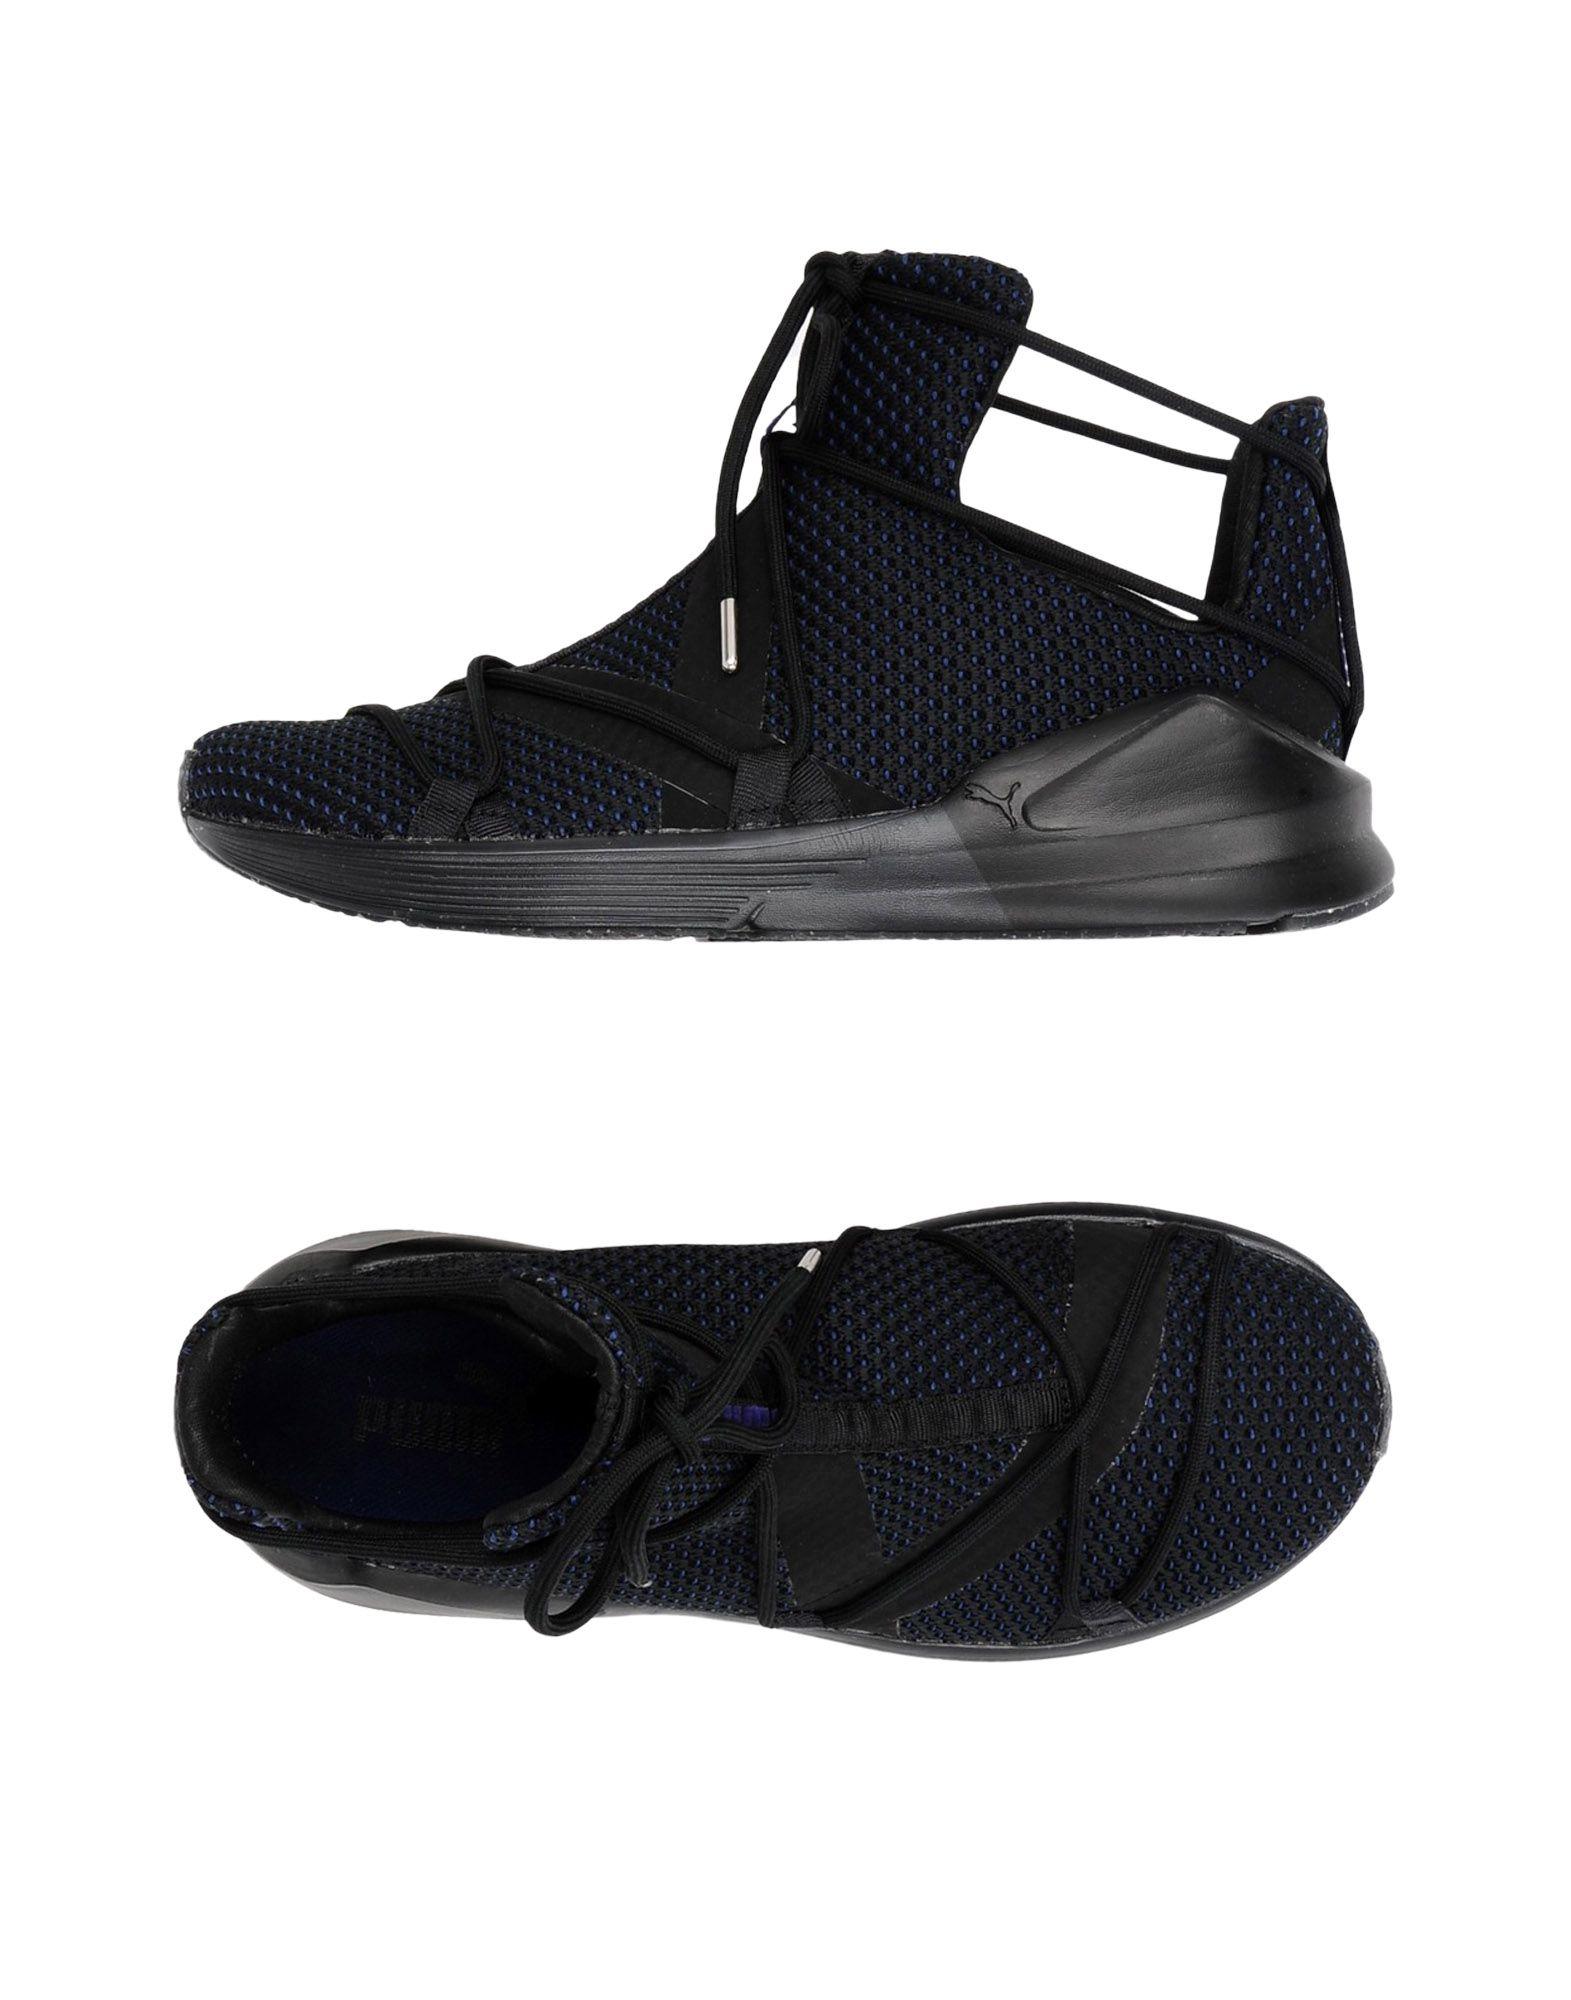 4429dcf34f1 Puma Fierce Rope Velvet Vr Wns - Sneakers - Women Puma Sneakers online on  YOOX Sweden - 11380921UD